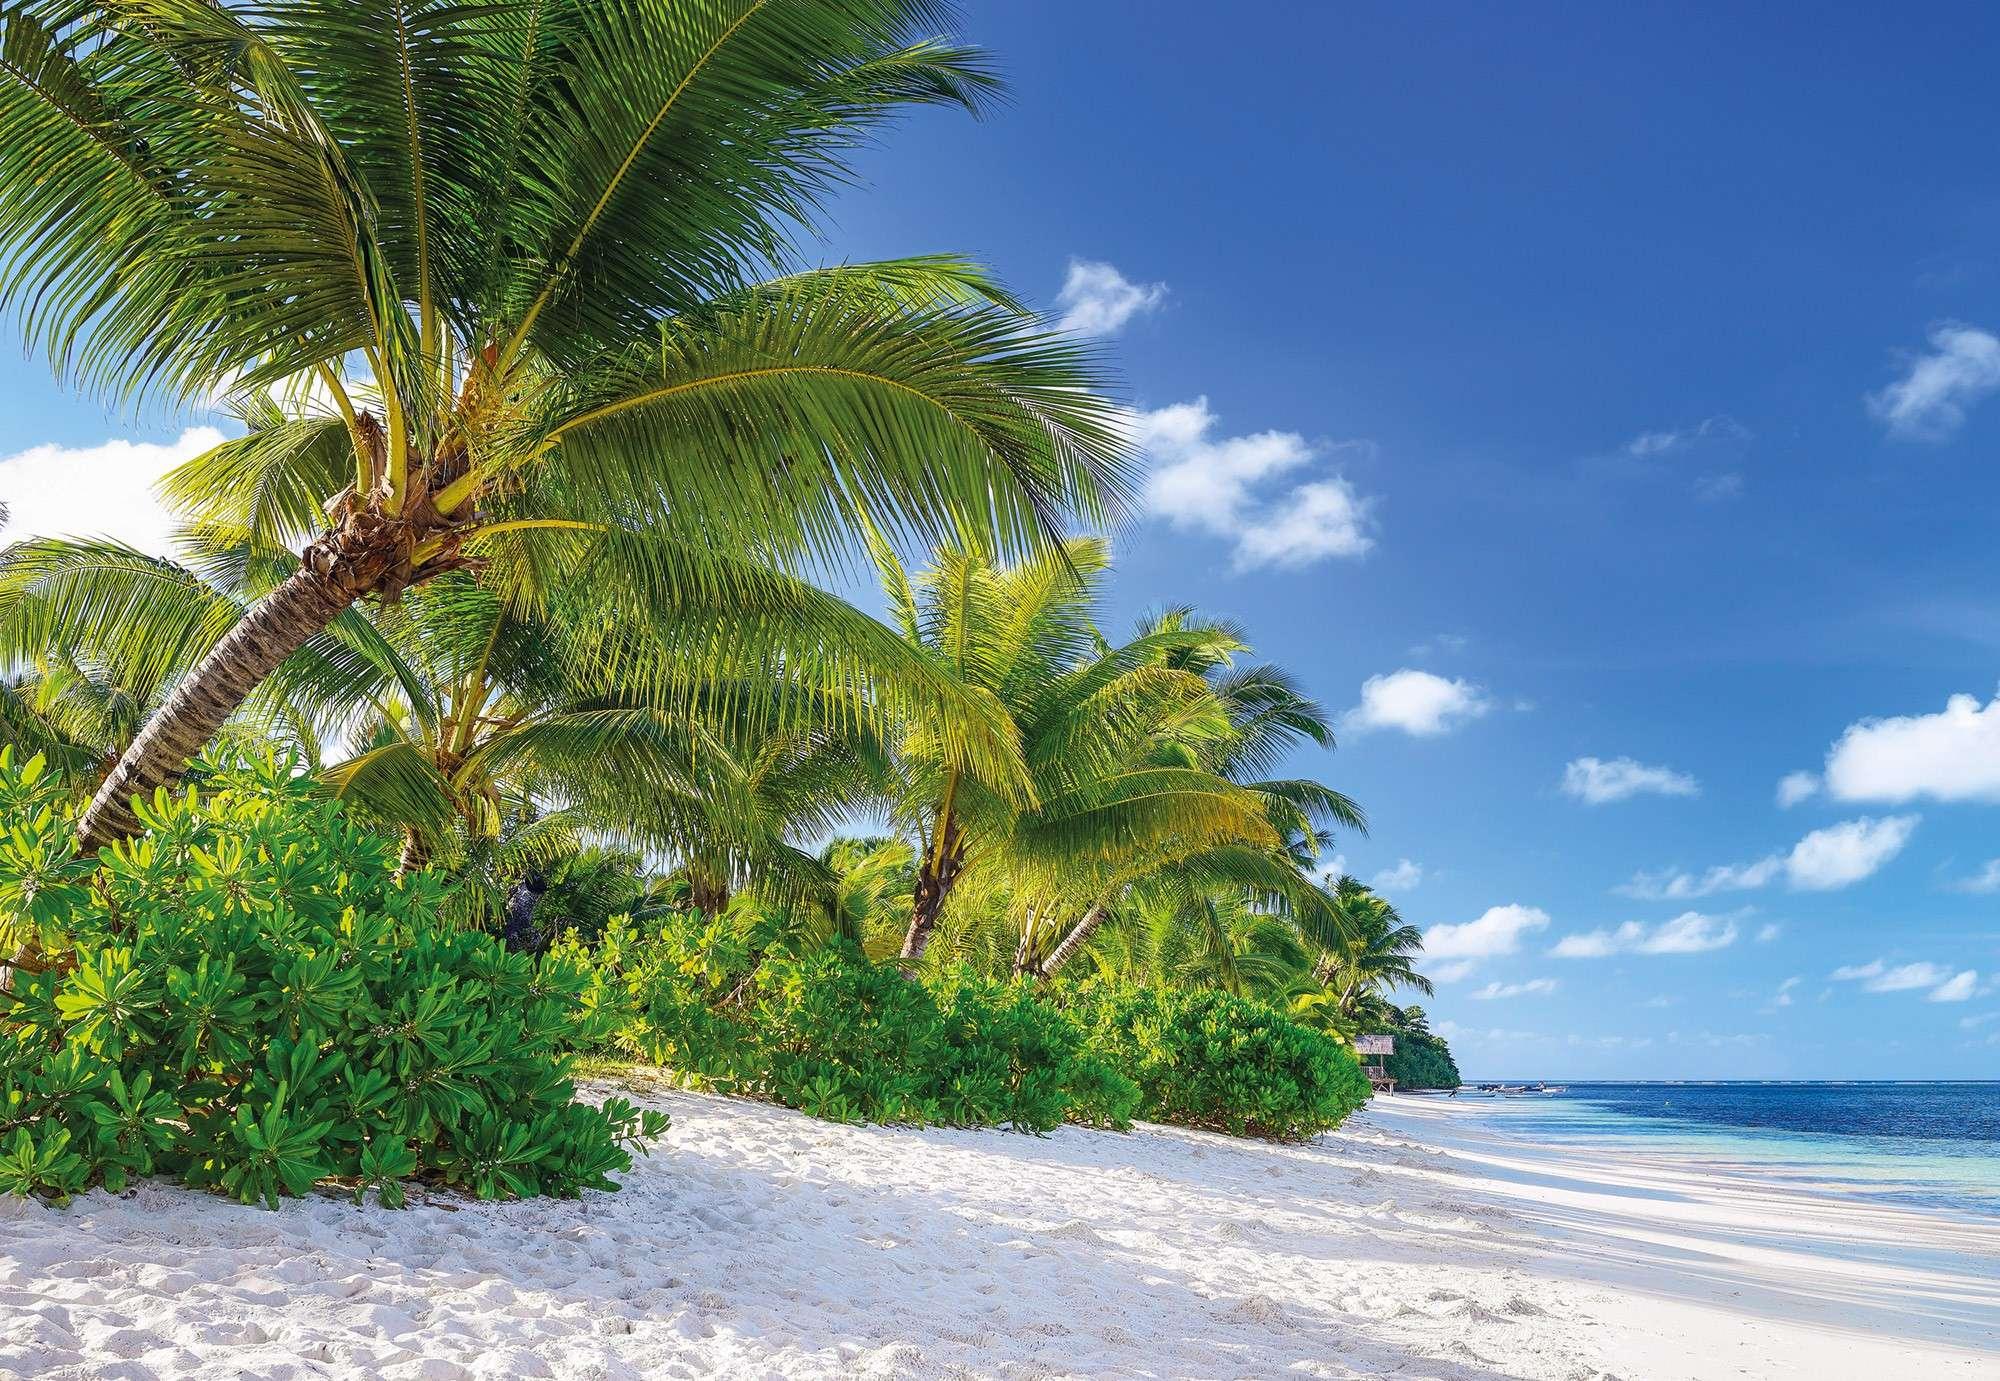 пальмы природа картинки ромашек нарвав букет